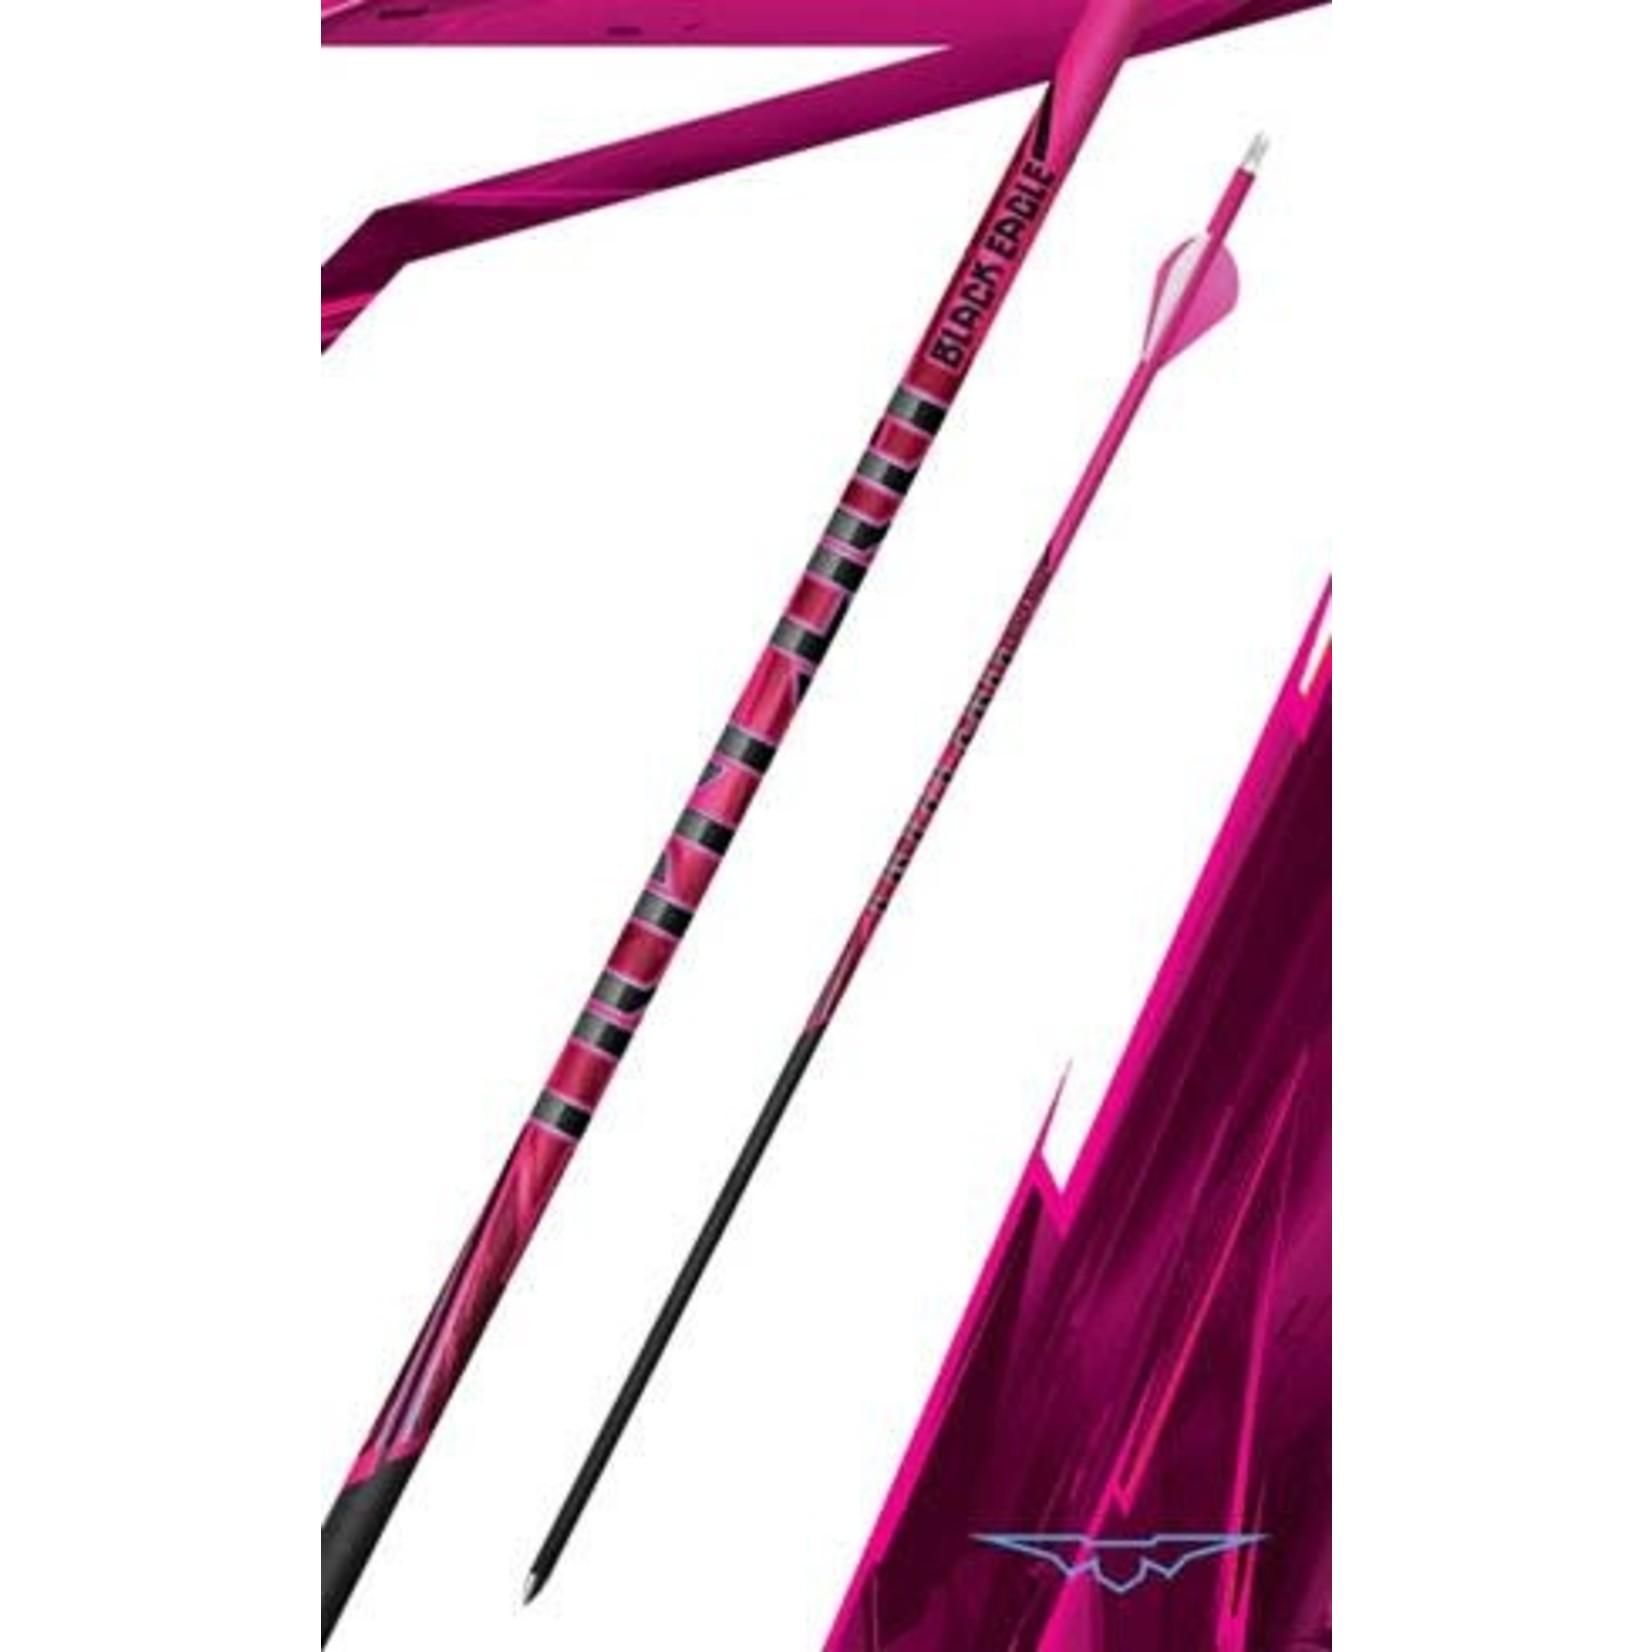 Black Eagle Black Eagle Outlaw Crested Arrows Pink 700 (6pk)